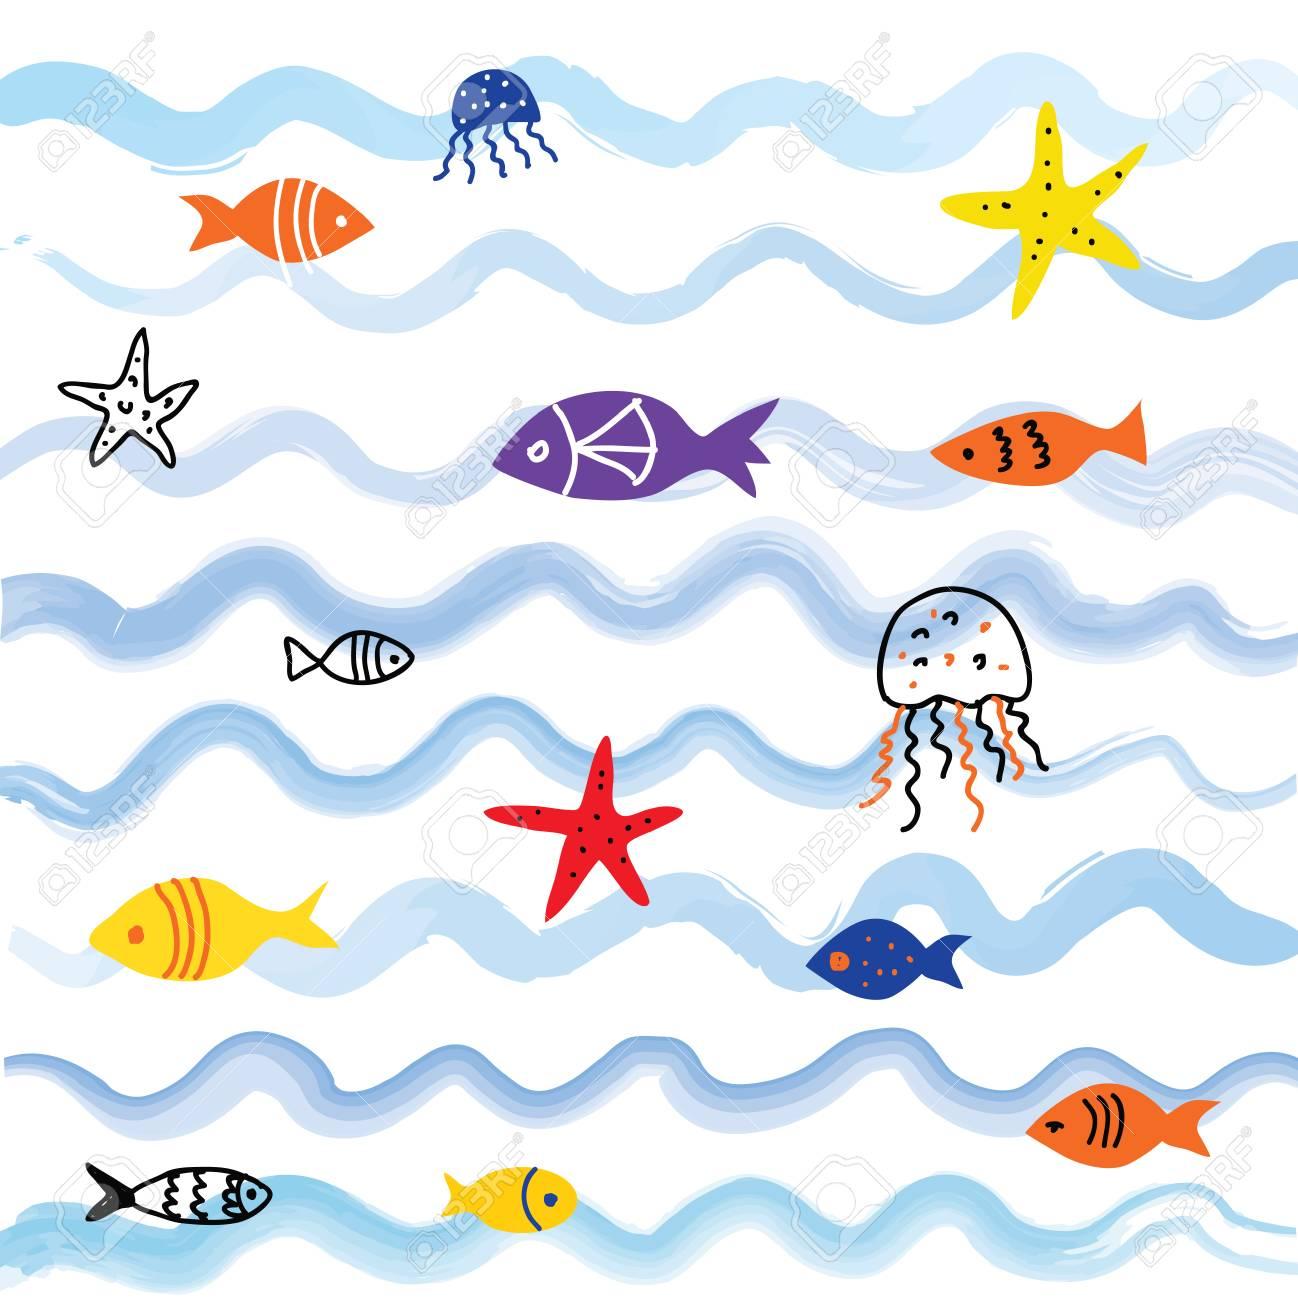 かわいいデザインベクトル グラフィック イラストと海と魚の背景の